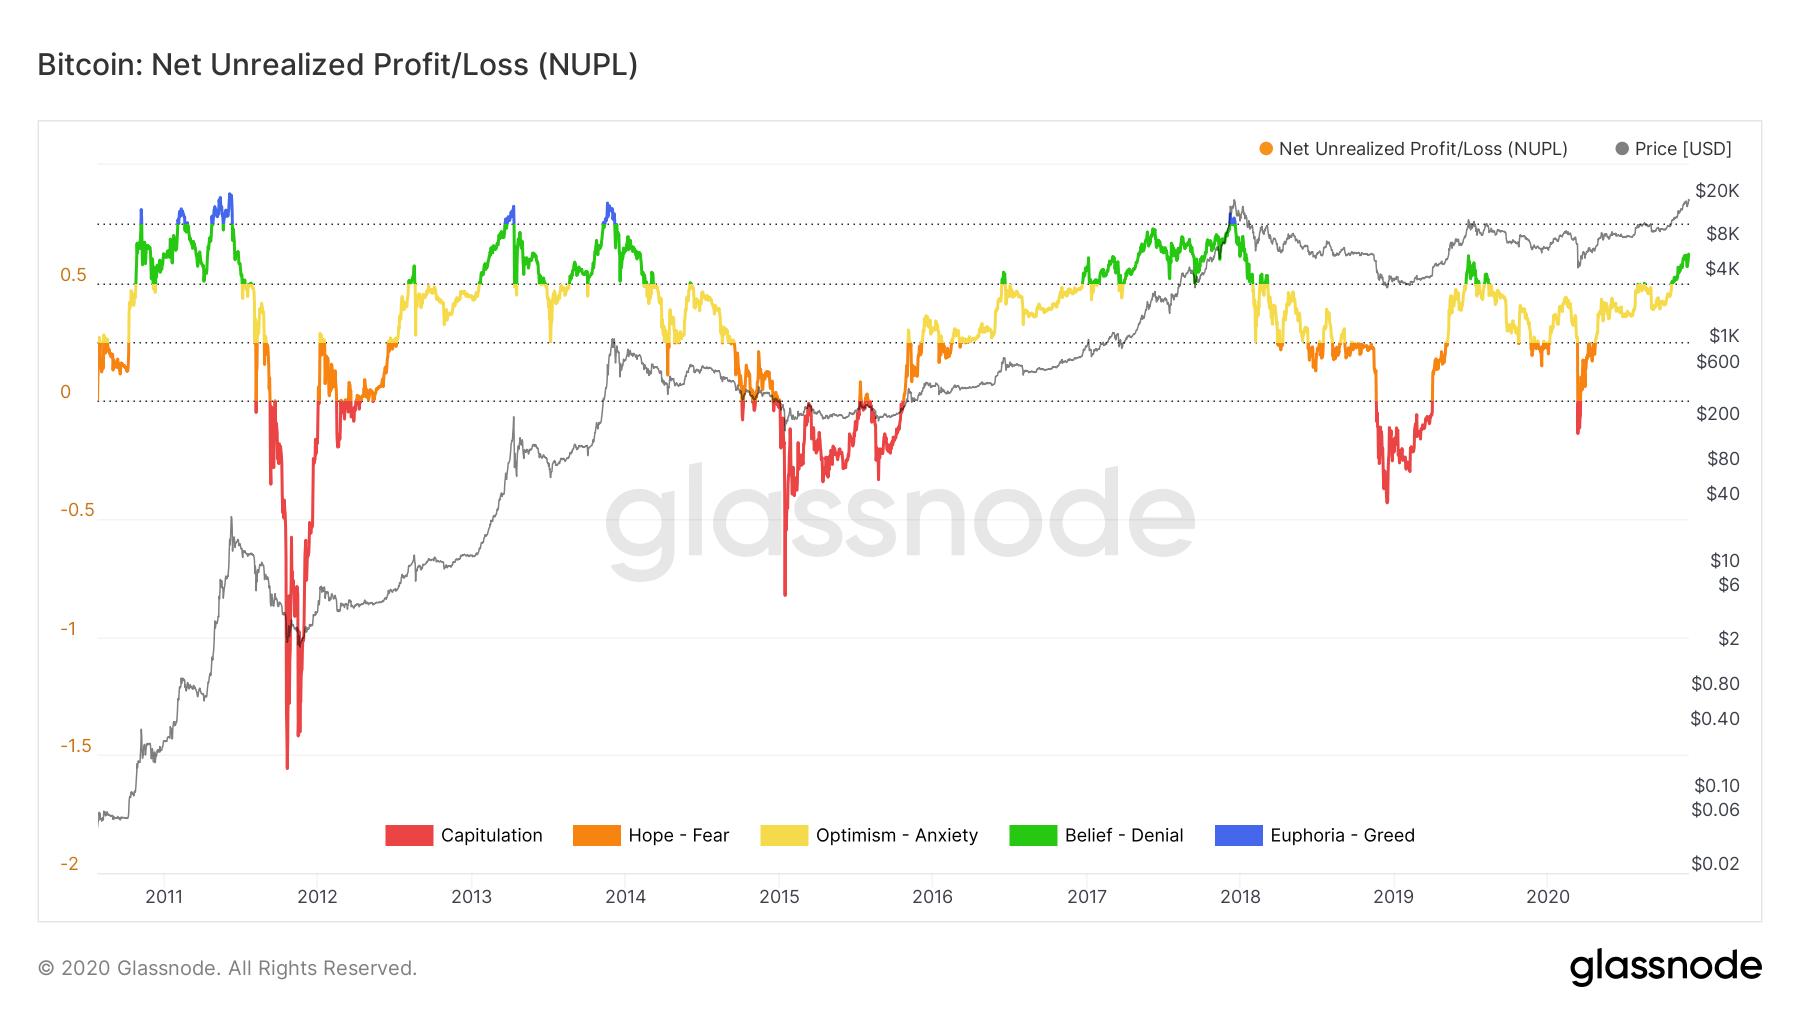 Bitcoin Net Unrealized Profit/Loss chart